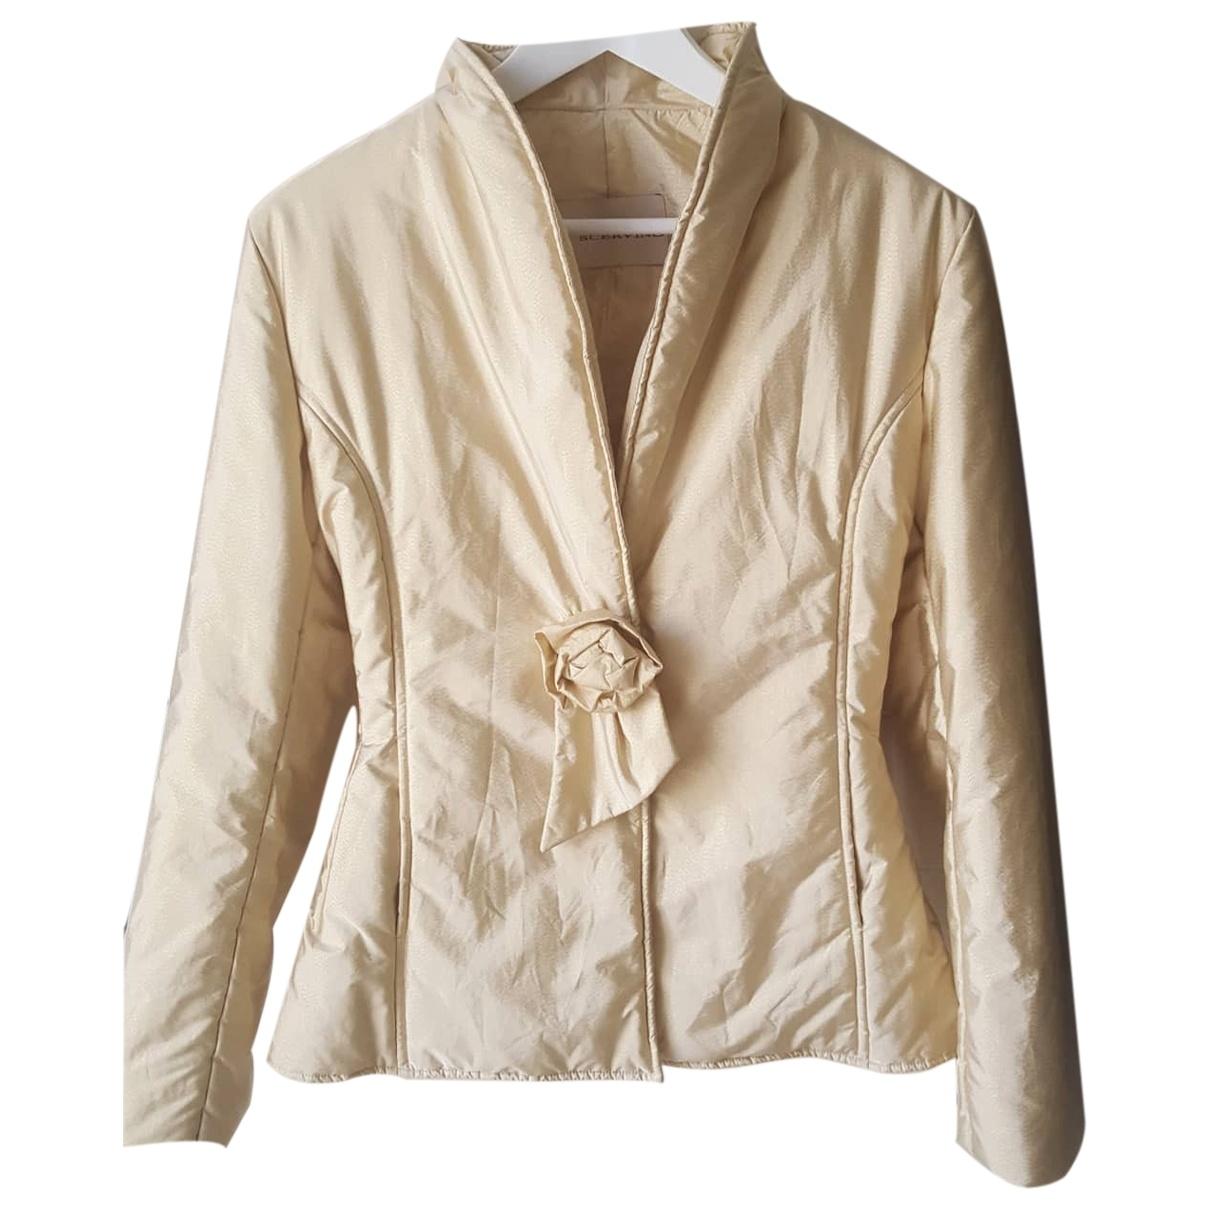 Ermanno Scervino \N Beige coat for Women 42 IT